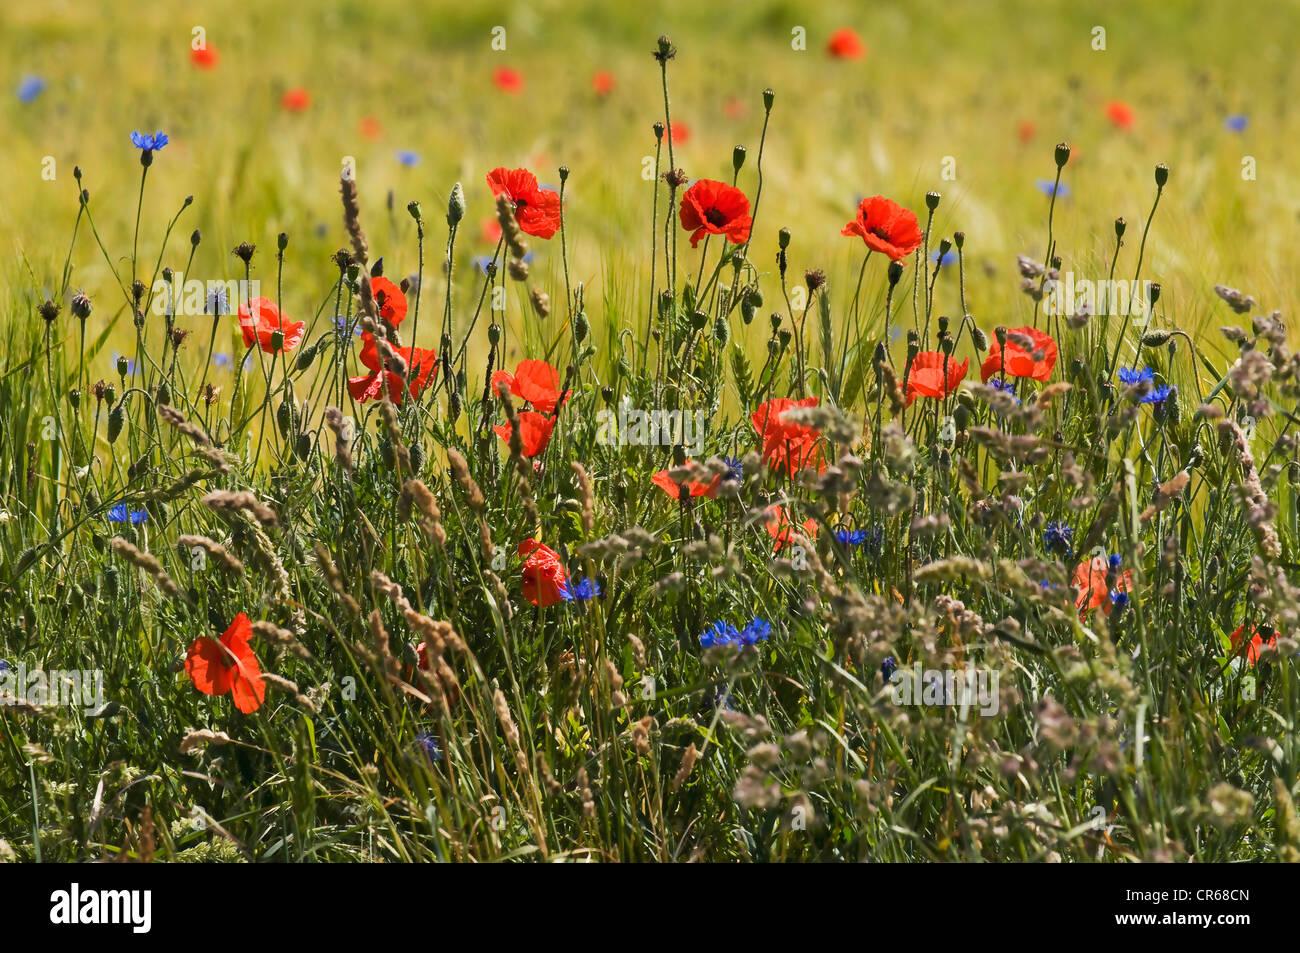 Bordo naturale di un campo con la fioritura delle erbe e fiori selvatici, papavero (Papaver rhoeas), Fiordaliso Immagini Stock